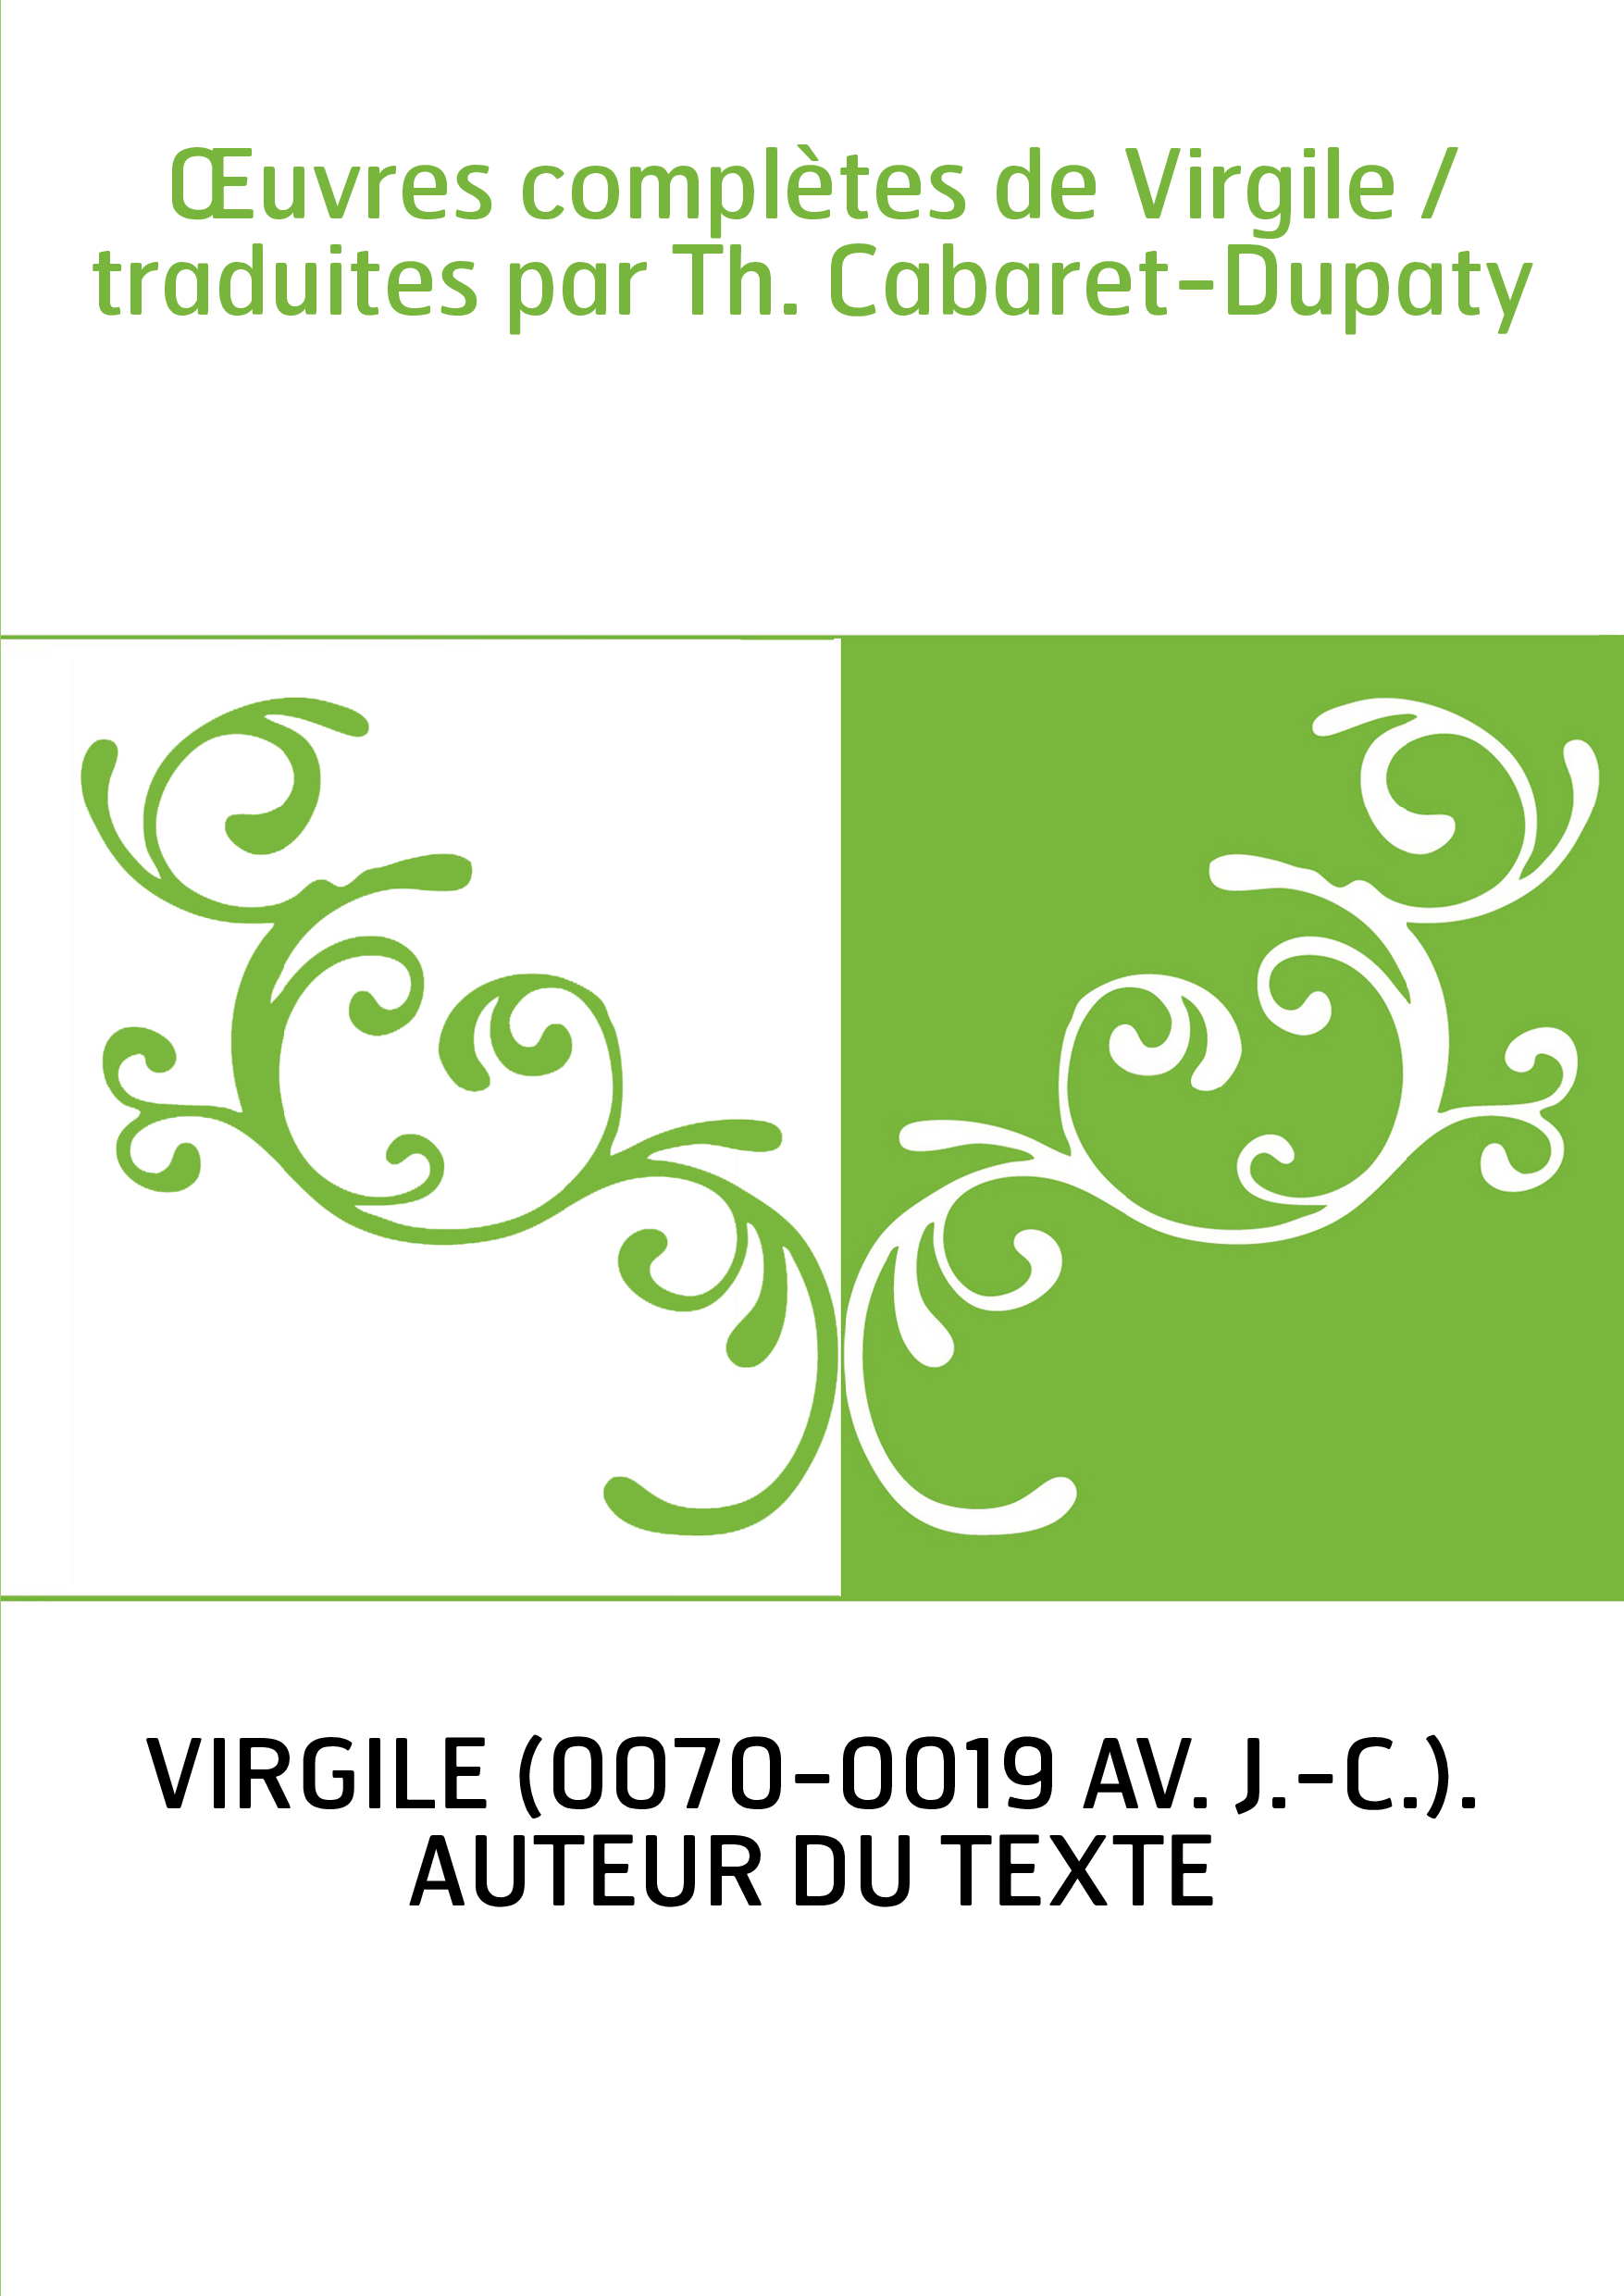 Œuvres complètes de Virgile / traduites par Th. Cabaret-Dupaty